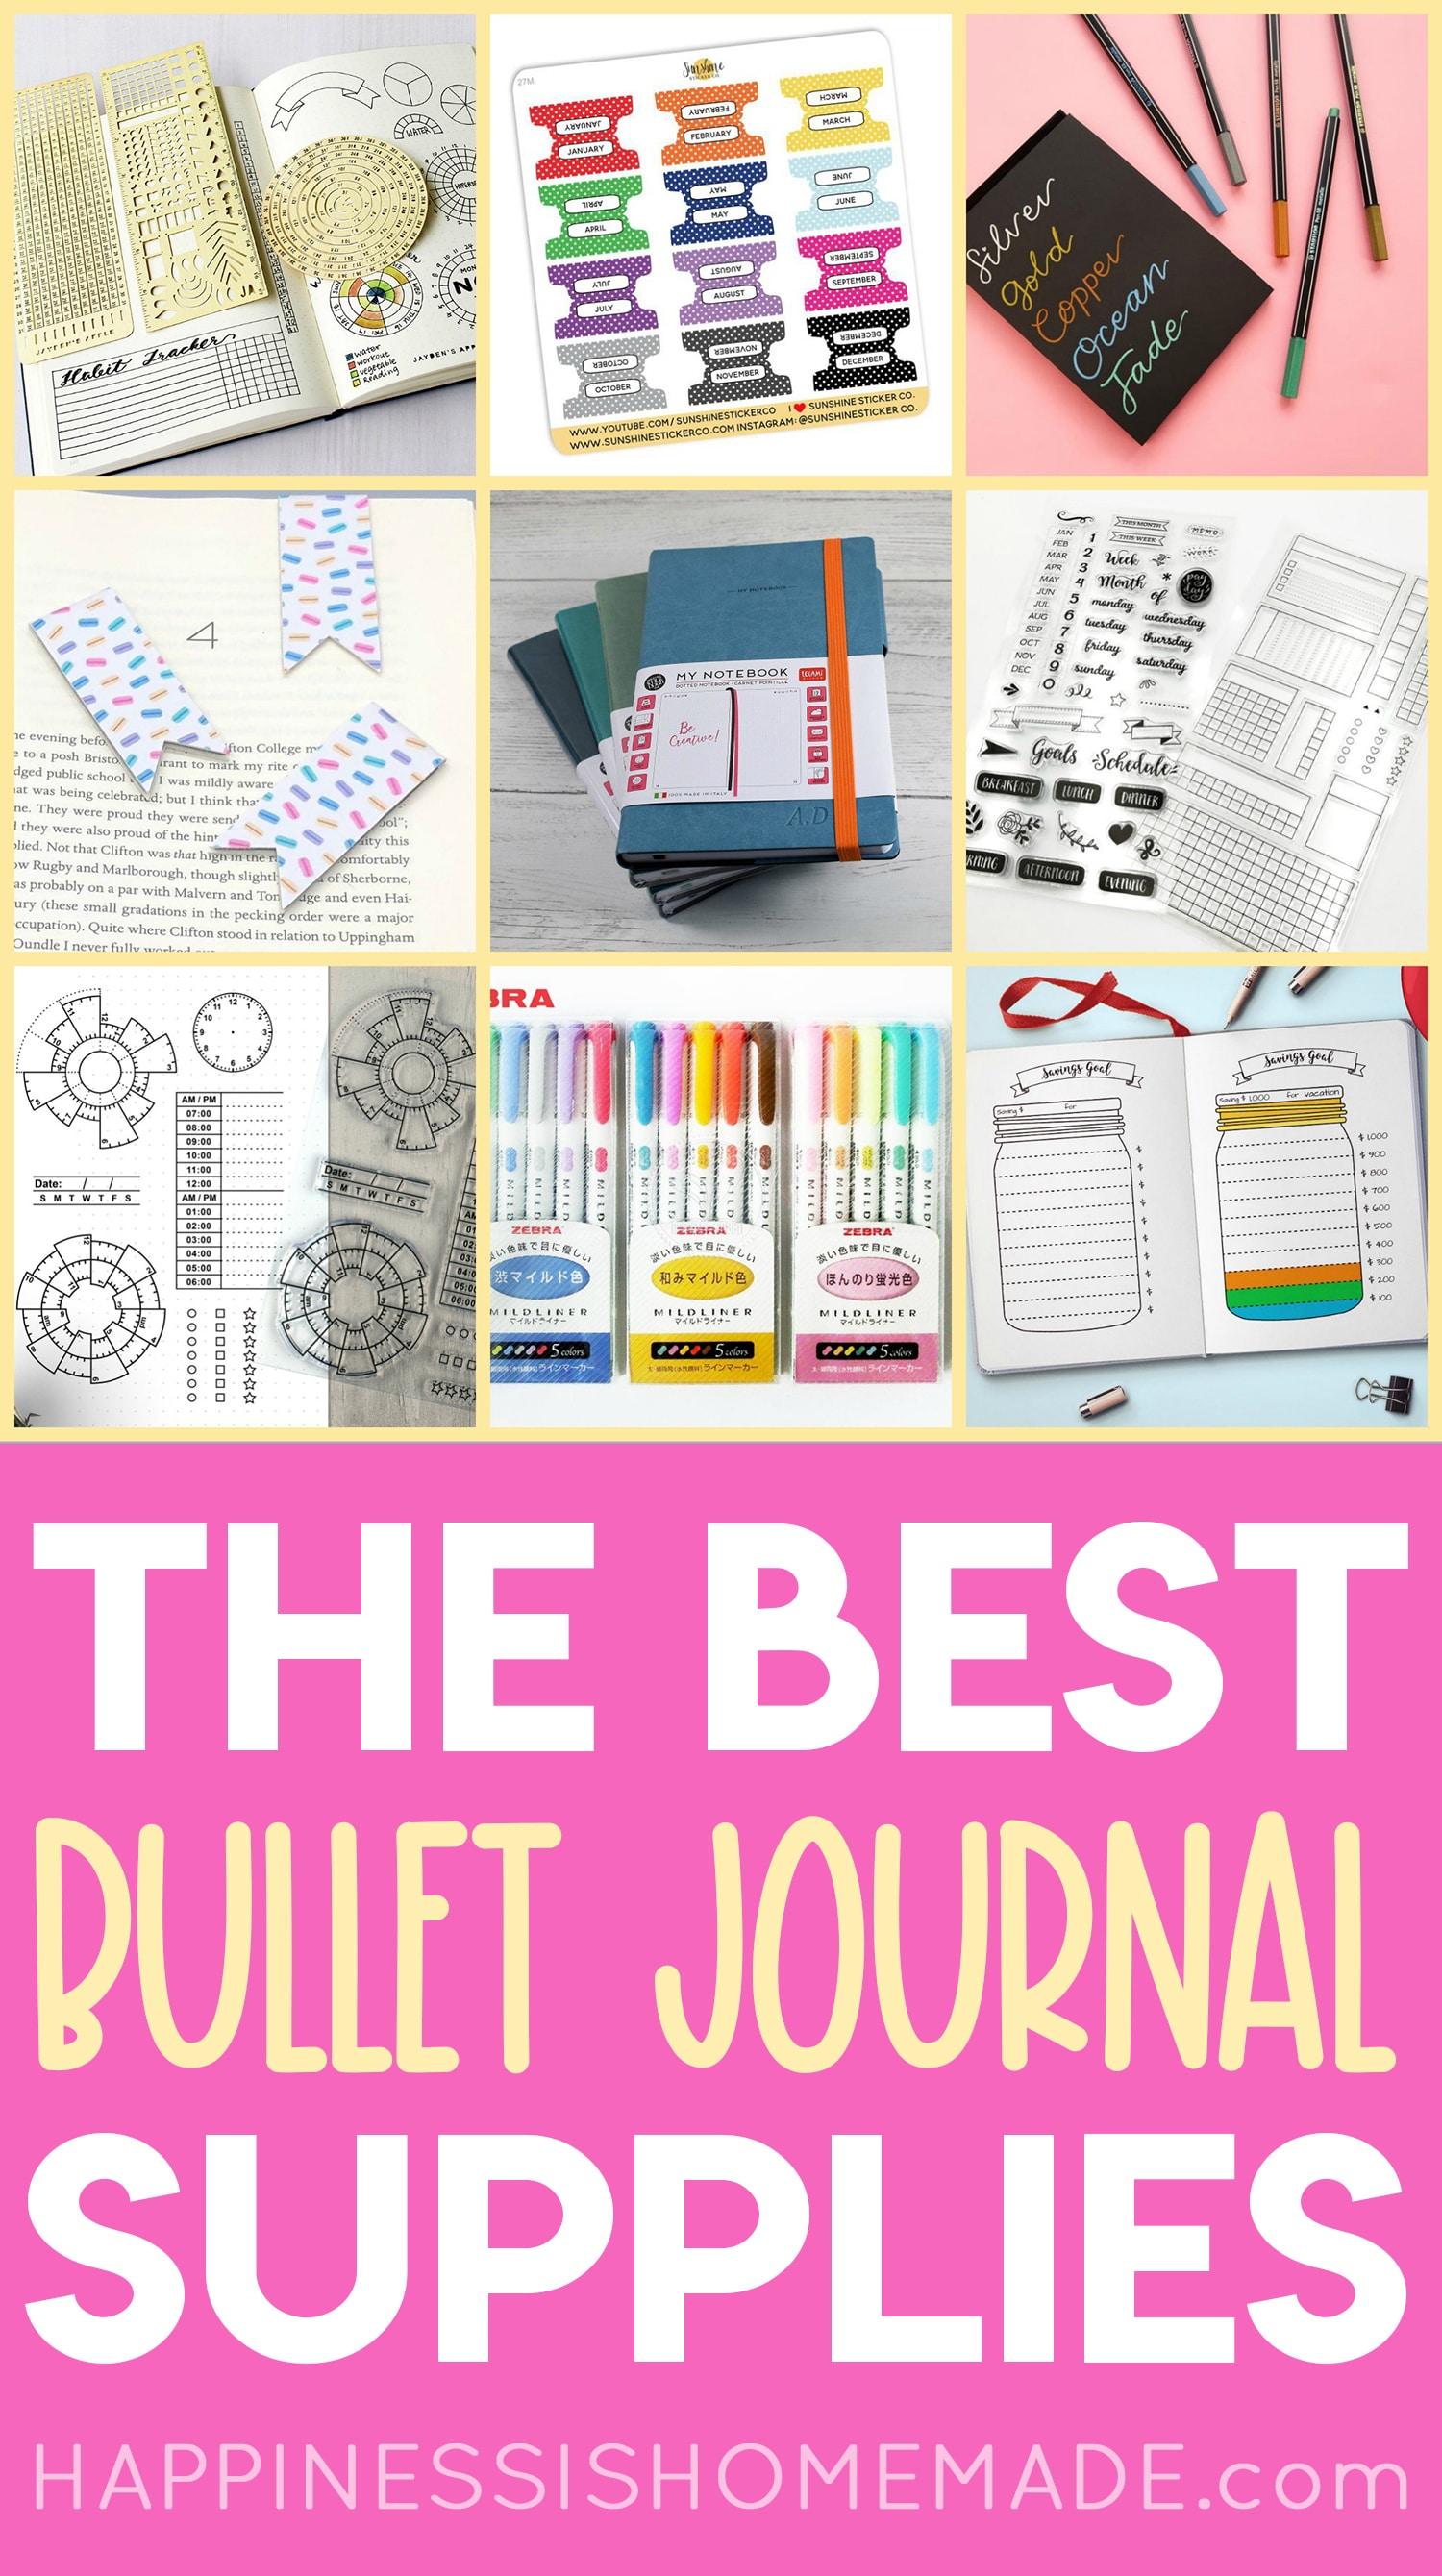 The Best Bullet Journal Supplies